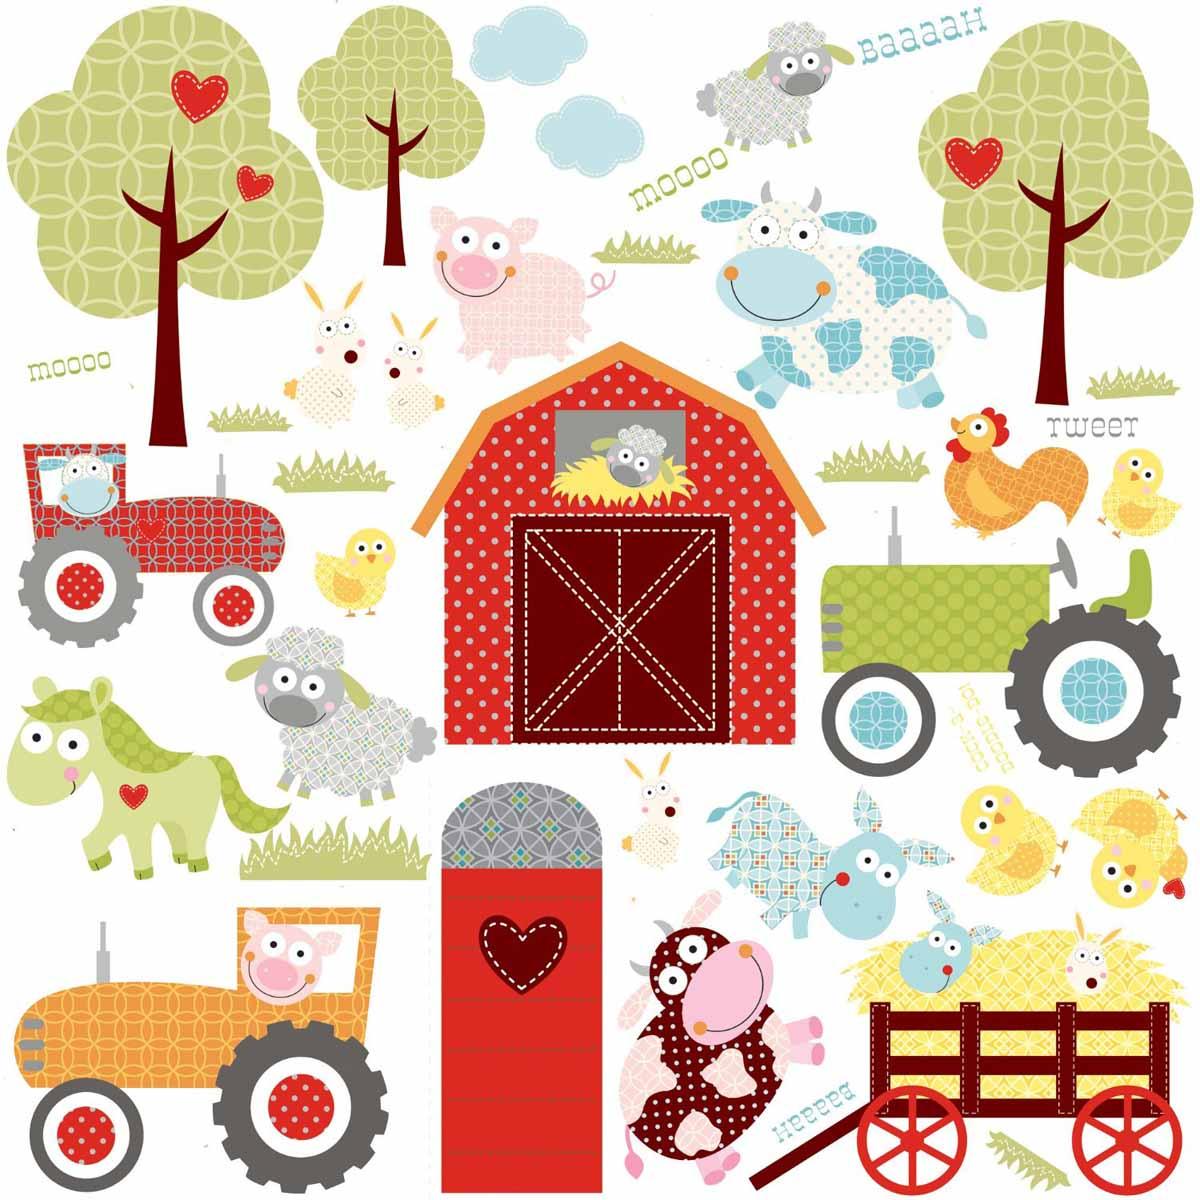 RoomMates Наклейки для декора Веселая ферма1050-BLНаклейки для декора Счастливая ферма от знаменитого производителя RoomMates станут украшением вашей квартиры! Придайте веселый и забавный вид комнате вашего ребенка с новым увлекательным набором наклеек для декора! Листы наклеек, входящие в набор, содержат изображения ярко-красного сарая, пышных деревьев и любимых фермерских животных, таких, например, как коровы, свиньи, курицы, овцы и так далее. Забавные паттерны и модные цвета делают набор идеально подходящим для детской или игровой комнаты. Всего в наборе 42 стикера. Наклейки не нужно вырезать - их следует просто отсоединить от защитного слоя и поместить на стену или любую другую плоскую гладкую поверхность. Наклейки многоразовые: их легко переклеивать и снимать со стены, они не оставляют липких следов на поверхности. В каждой индивидуальной упаковке вы можете найти 4 листа с различными наклейками! Таким образом, покупая наклейки фирмы RoomMates, вы получаете гораздо больший ассортимент наклеек, имея возможность украсить ими различные поверхности в доме.